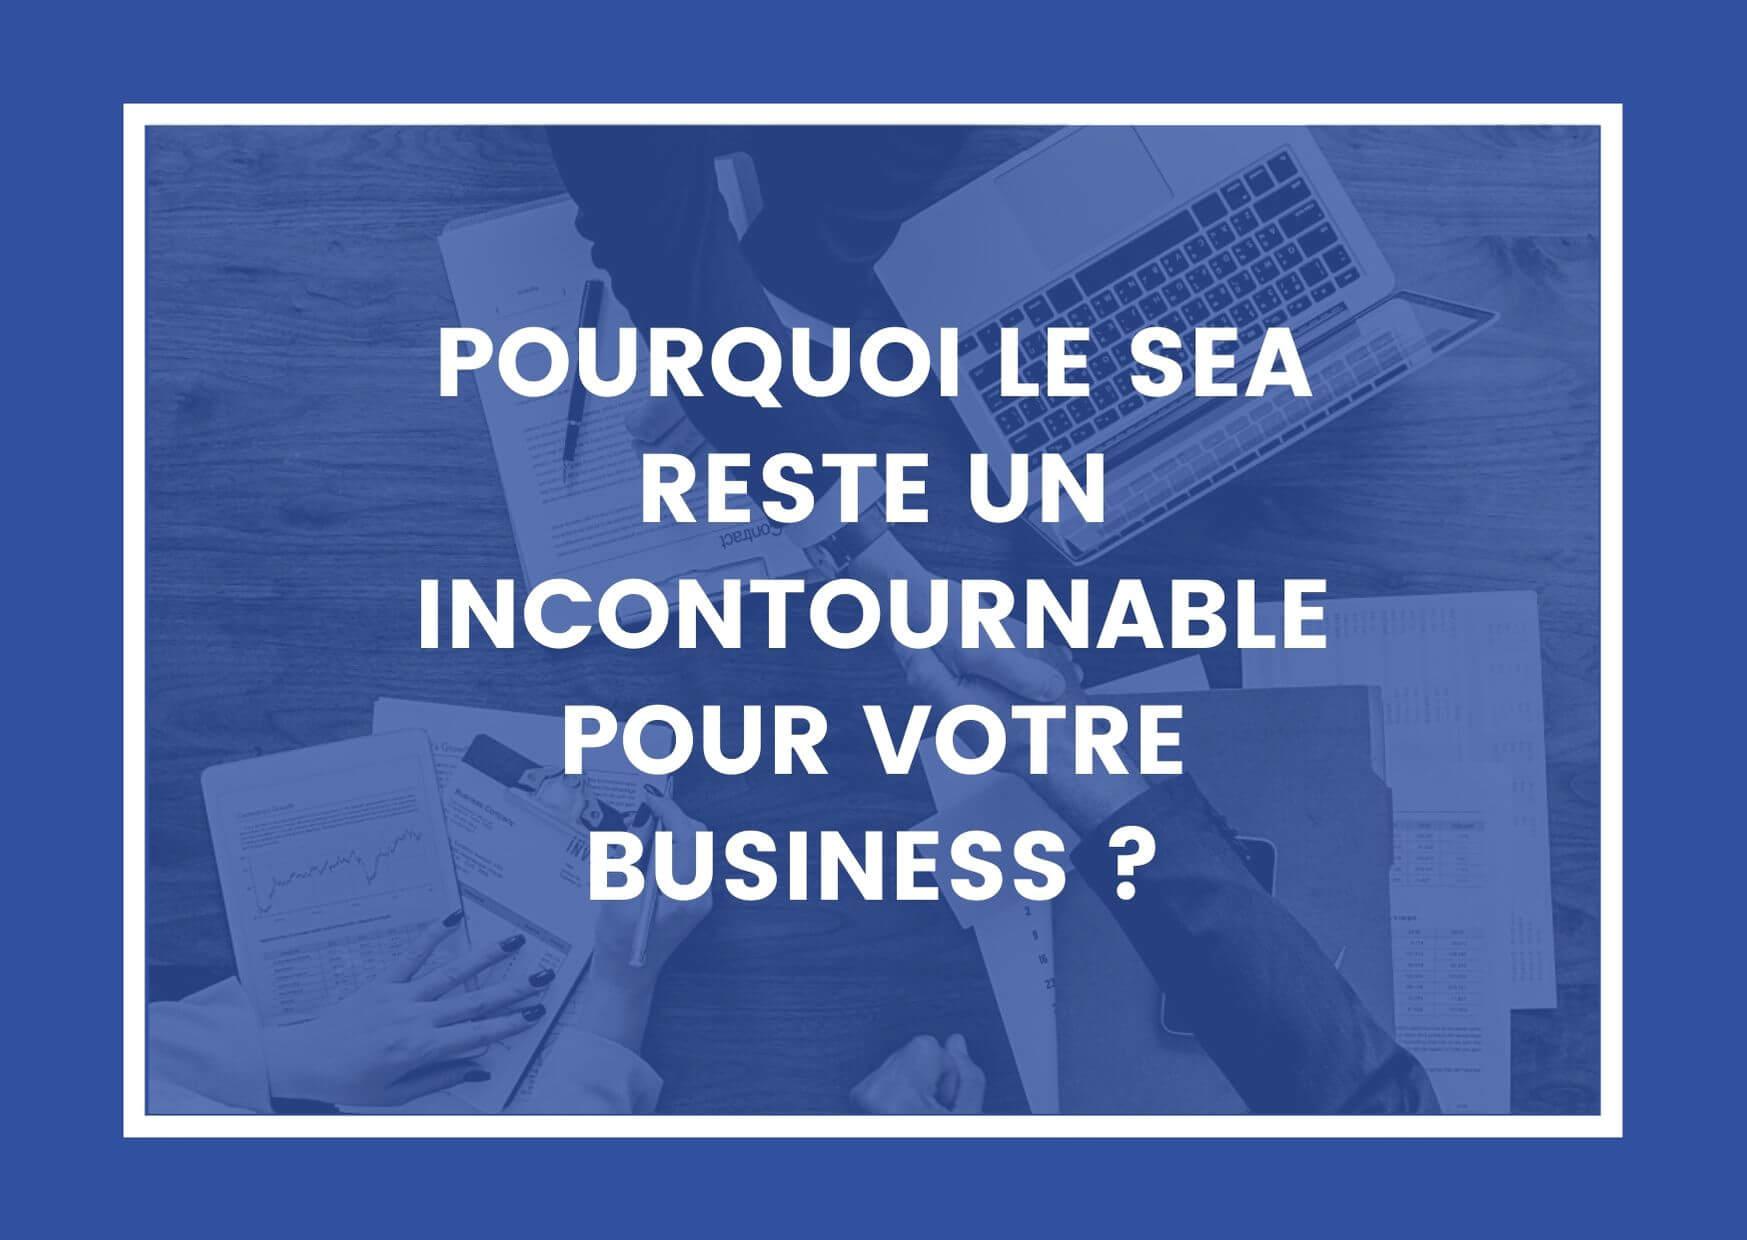 POURQUOI LE SEA RESTE UN INCONTOURNABLE POUR VOTRE BUSINESS ?